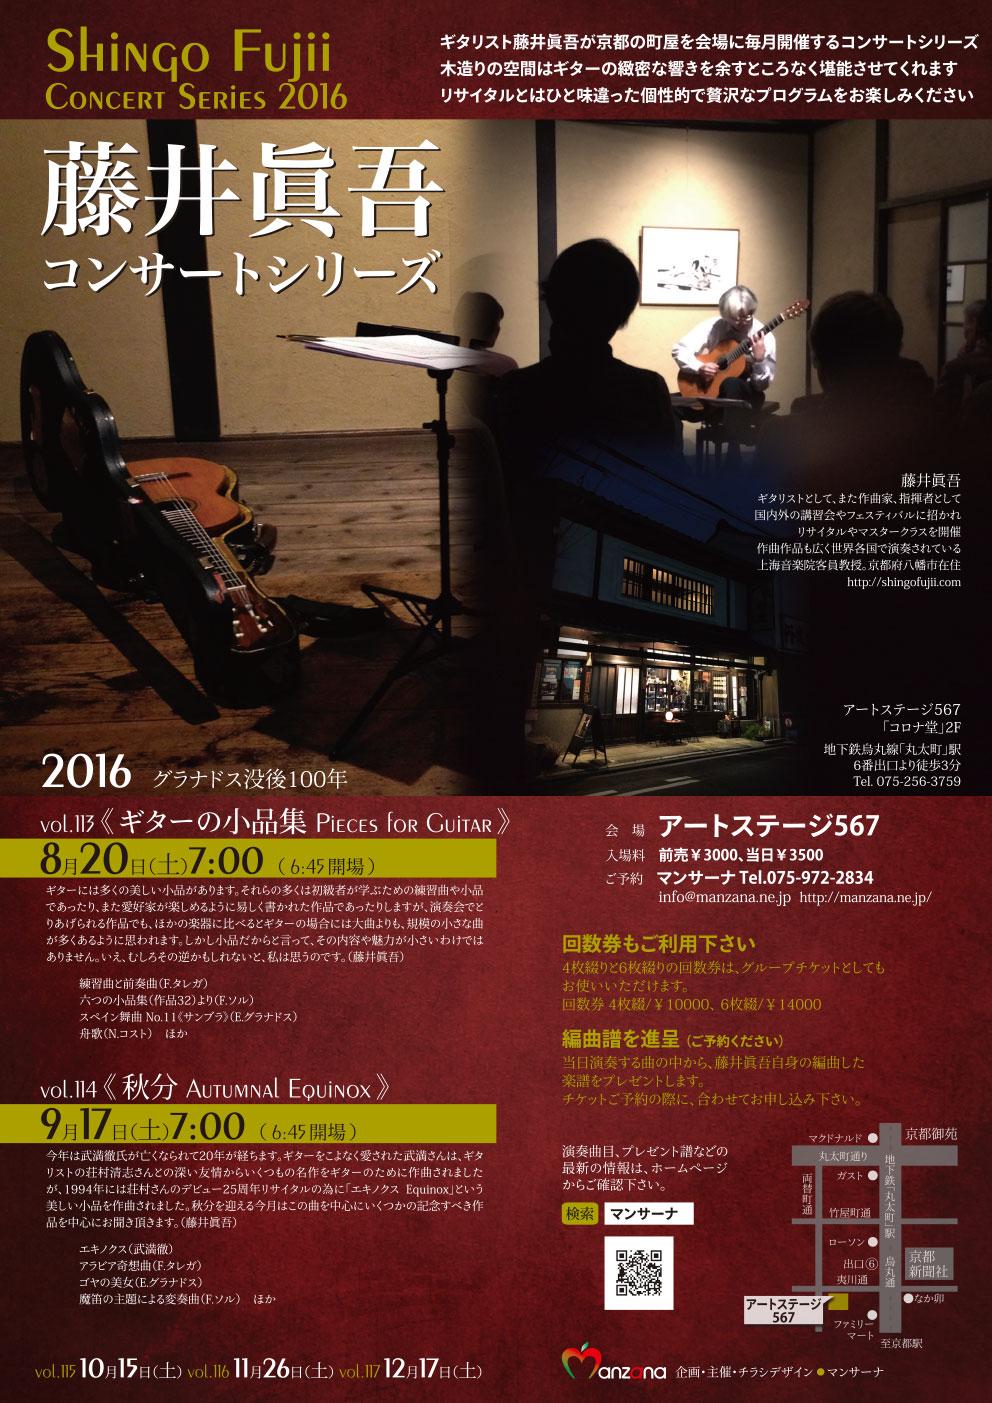 concert series 2015